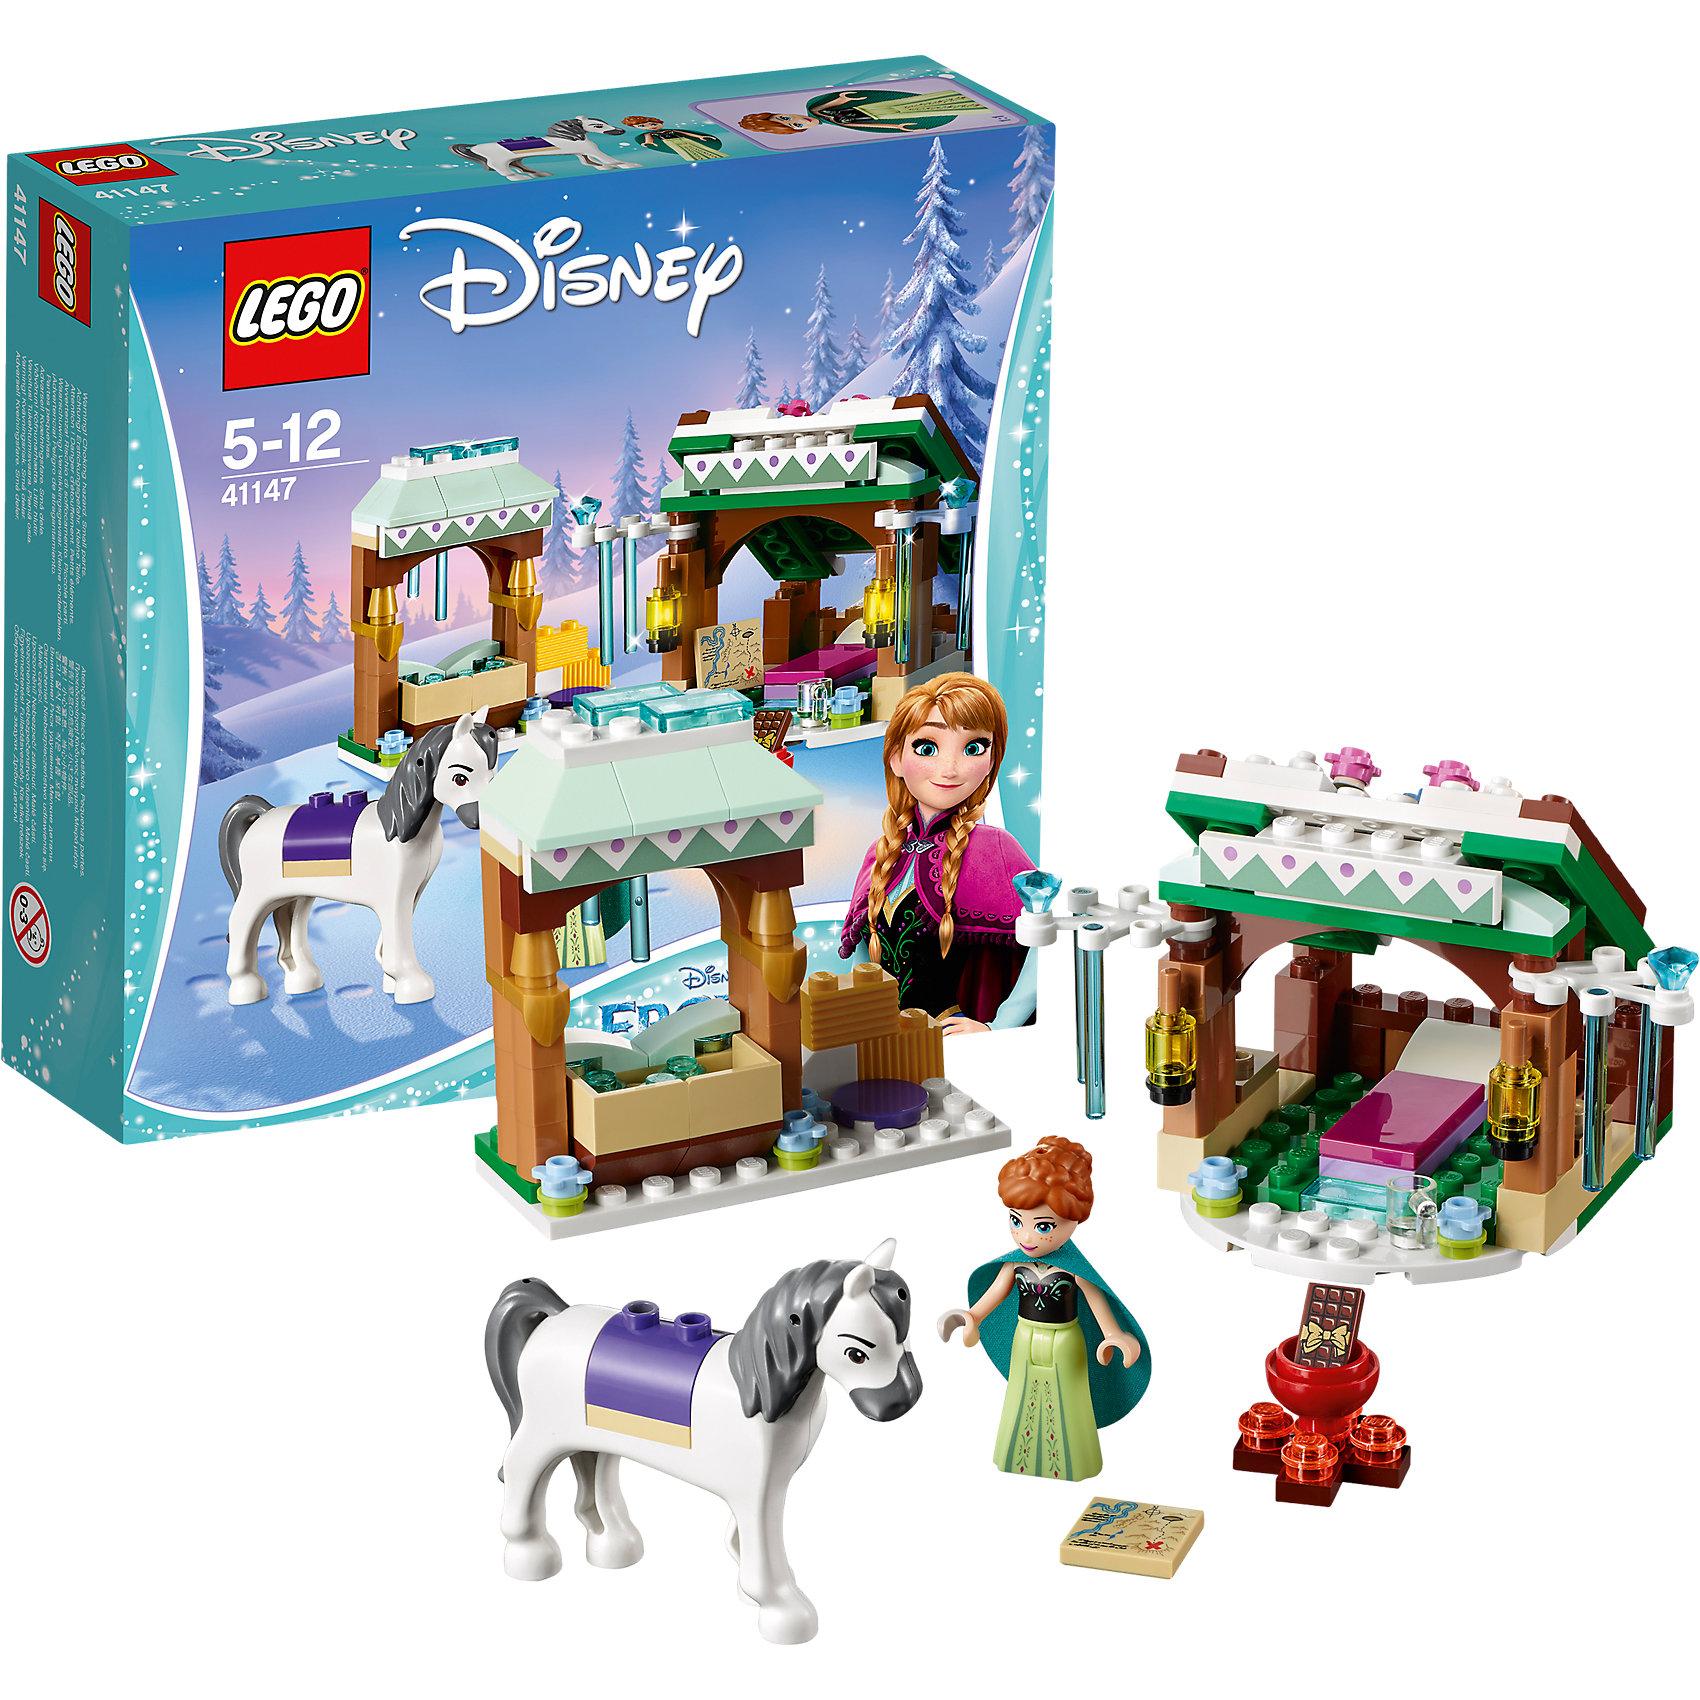 LEGO Disney Princesses 41147: Зимние приключения АнныLEGO Disney Princesses 41147: Зимние приключения Анны<br><br>Характеристики:<br><br>- в набор входит: детали для построек, фигурка принцессы Анны, фигурка лошади, аксессуары, красочная инструкция<br>- состав: пластик<br>- количество деталей: 153<br>- размер упаковки: 20 * 6 * 19 см.<br>- размер кормушки лошади: 8 * 3 * 8 см.<br>- размер укрытия: 10 * 7 * 8 см.<br>- для детей в возрасте: от 5 до 12 лет<br>- Страна производитель: Дания/Китай/Чехия<br><br>Легендарный конструктор LEGO (ЛЕГО) представляет серию «Disney Princesses» (Принцессы Диснея) в которую входят наборы конструкторов о принцессах и героях из мультфильмов компании Дисней. С помощью конструкторов можно строить окружение любимых персонажей своими руками, а потом играть с ними. Принцесса Анна отправилась на встречу новым приключениям, но попав в невероятную метель была вынуждена остановиться в пути на отдых. В выбранной ею укрытии есть удобная кровать и два светильника. Устроив привал, она отложила свою карту и пошла кормить свою лошадь. В специальном модуле для кормления имеется достаточно воды, а также детали лего с сеном. Все строения украшены зимними узорами и ледяными сосульками из прозрачных голубых деталей. В дополнение входит небольшой костер с котелком, где принцесса приготовит себе горячий шоколад, в комплекте имеется прозрачная чашка. Фигурка самой Анны выполнена очень качественно, она может двигать головой, руками, а также принимать сидячее положение. Ее рельефная прическа очень схожа с оригиналом из мультфильма и зеленая накидка из материала прекрасно дополняет образ принцессы. Лошадь выполнена с деталями имитирующими седло и обладает шикарной гривой и хвостом, вместе со своей хозяйкой она готова к любым приключениям. Играя с конструктором ребенок развивает моторику рук, воображение и логическое мышление, научится собирать по инструкции и создавать свои модели. Придумывайте новые истории любимых героев с набором LEGO «Disney Princesses»!<br